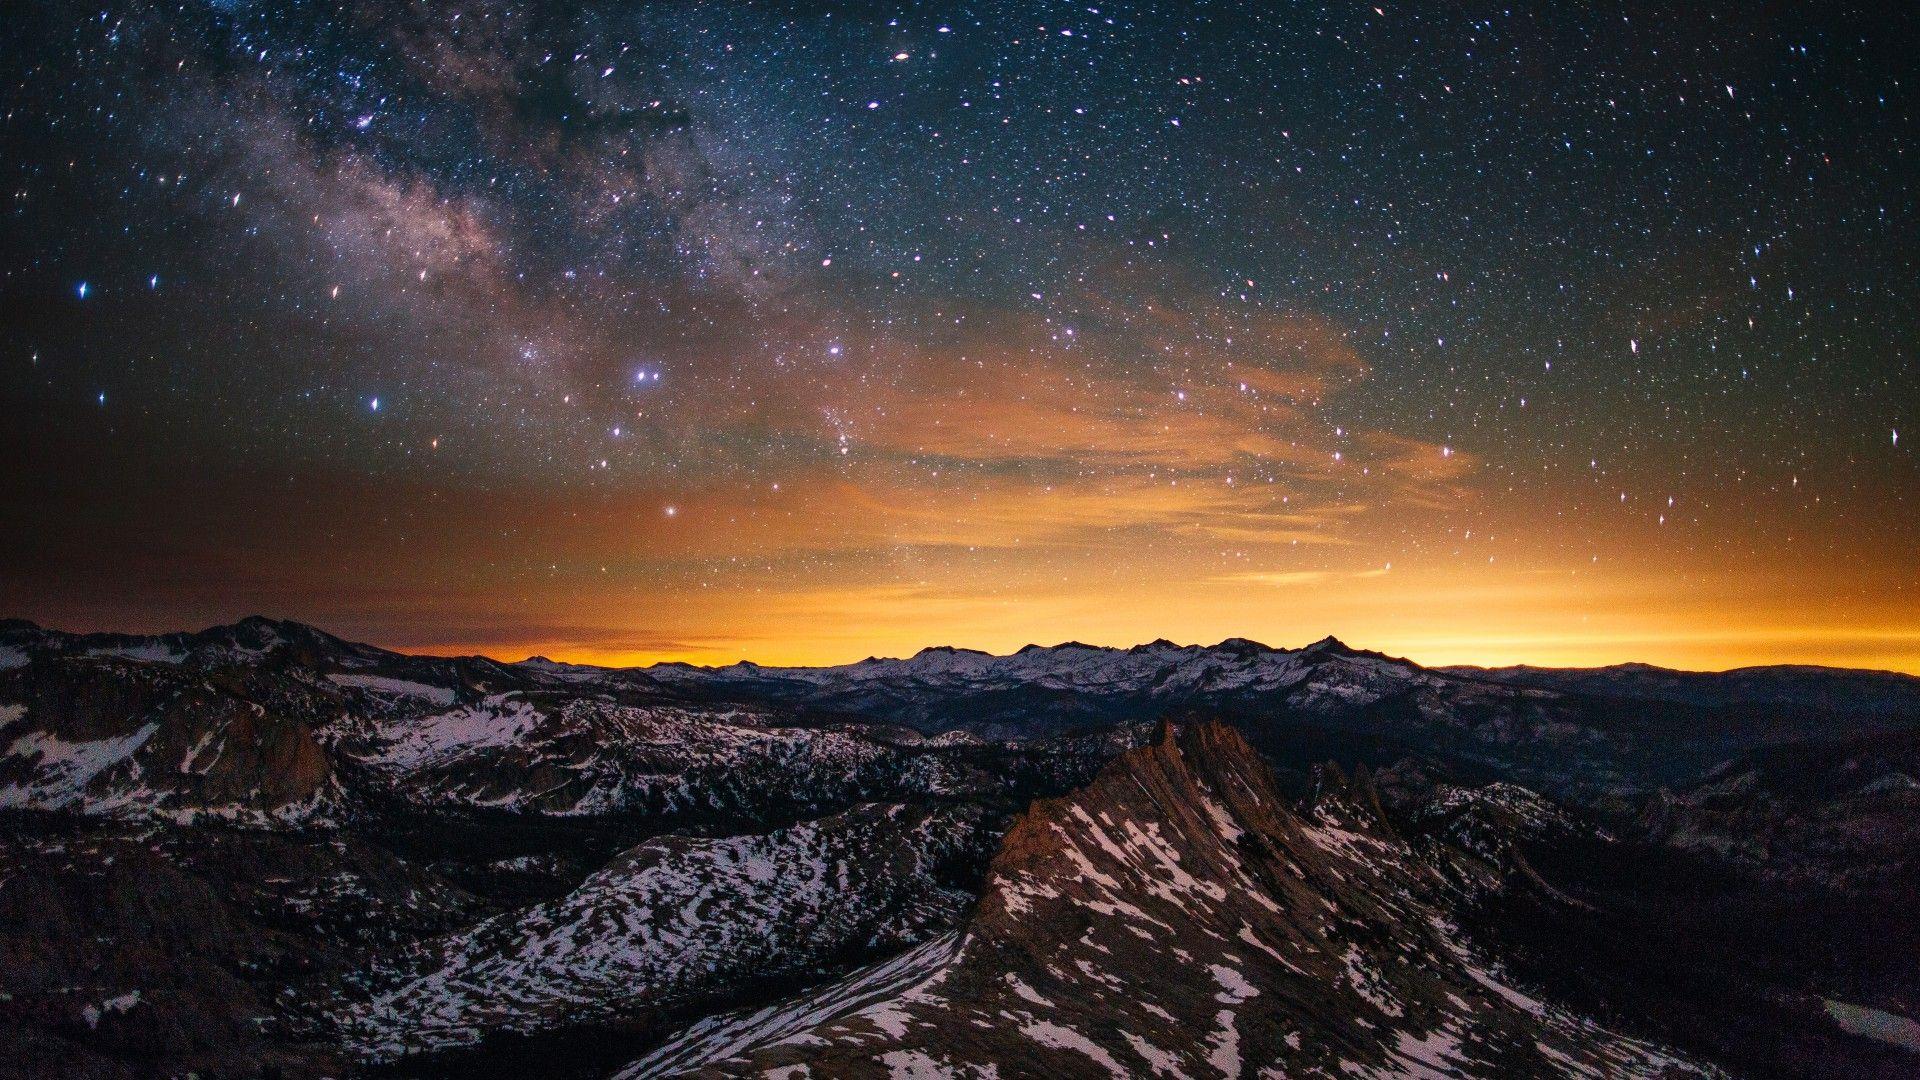 Yosemite, 5k, 4k wallpaper, 8k, forest, stars, sunset, OSX